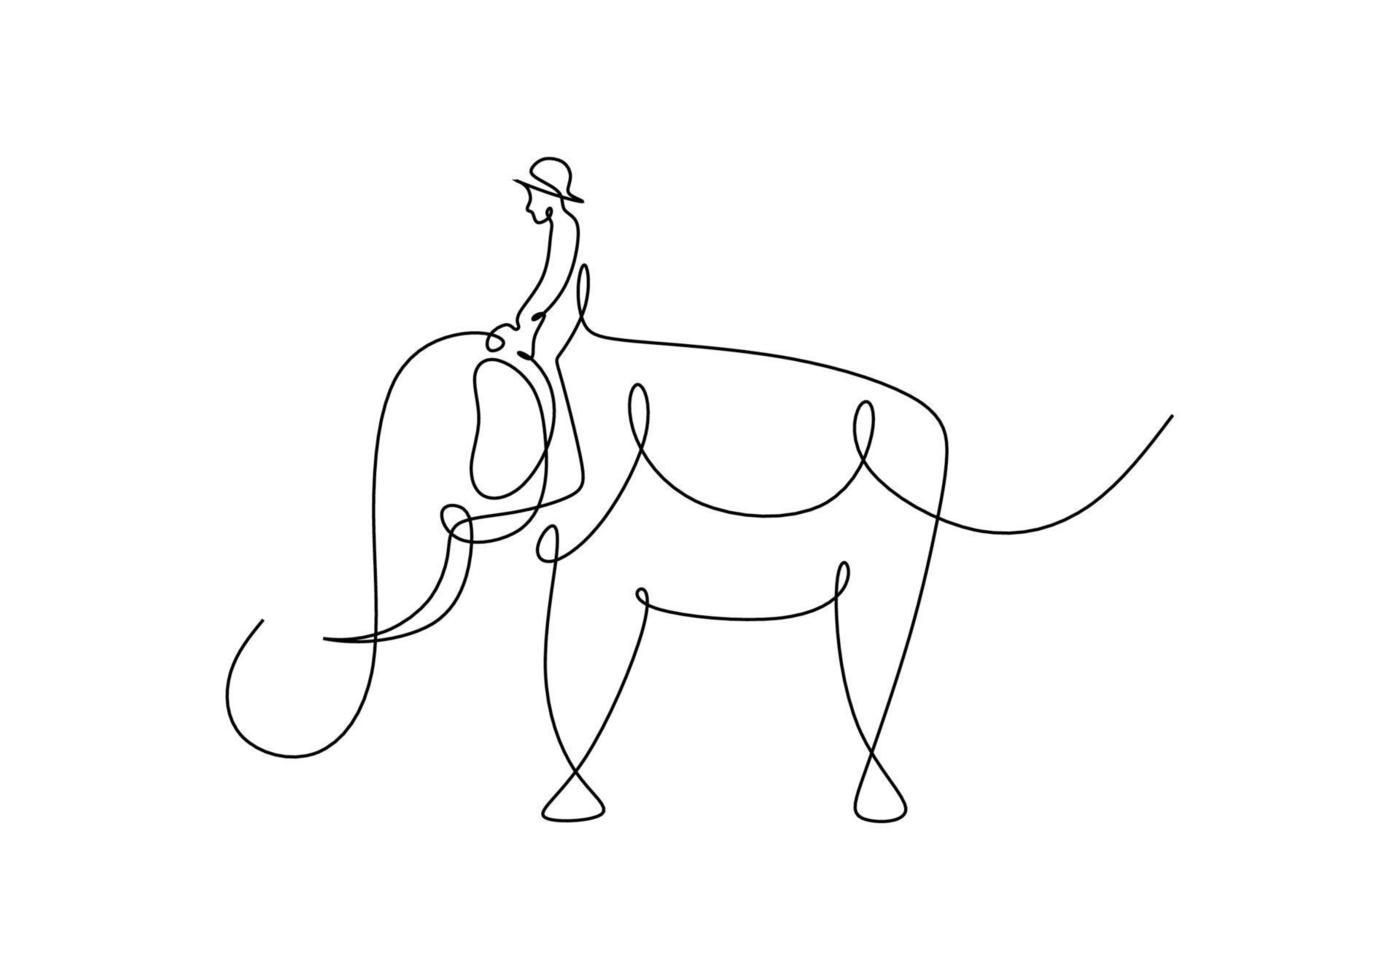 kontinuerlig en linje ritning av mannen som rider elefanten vektor